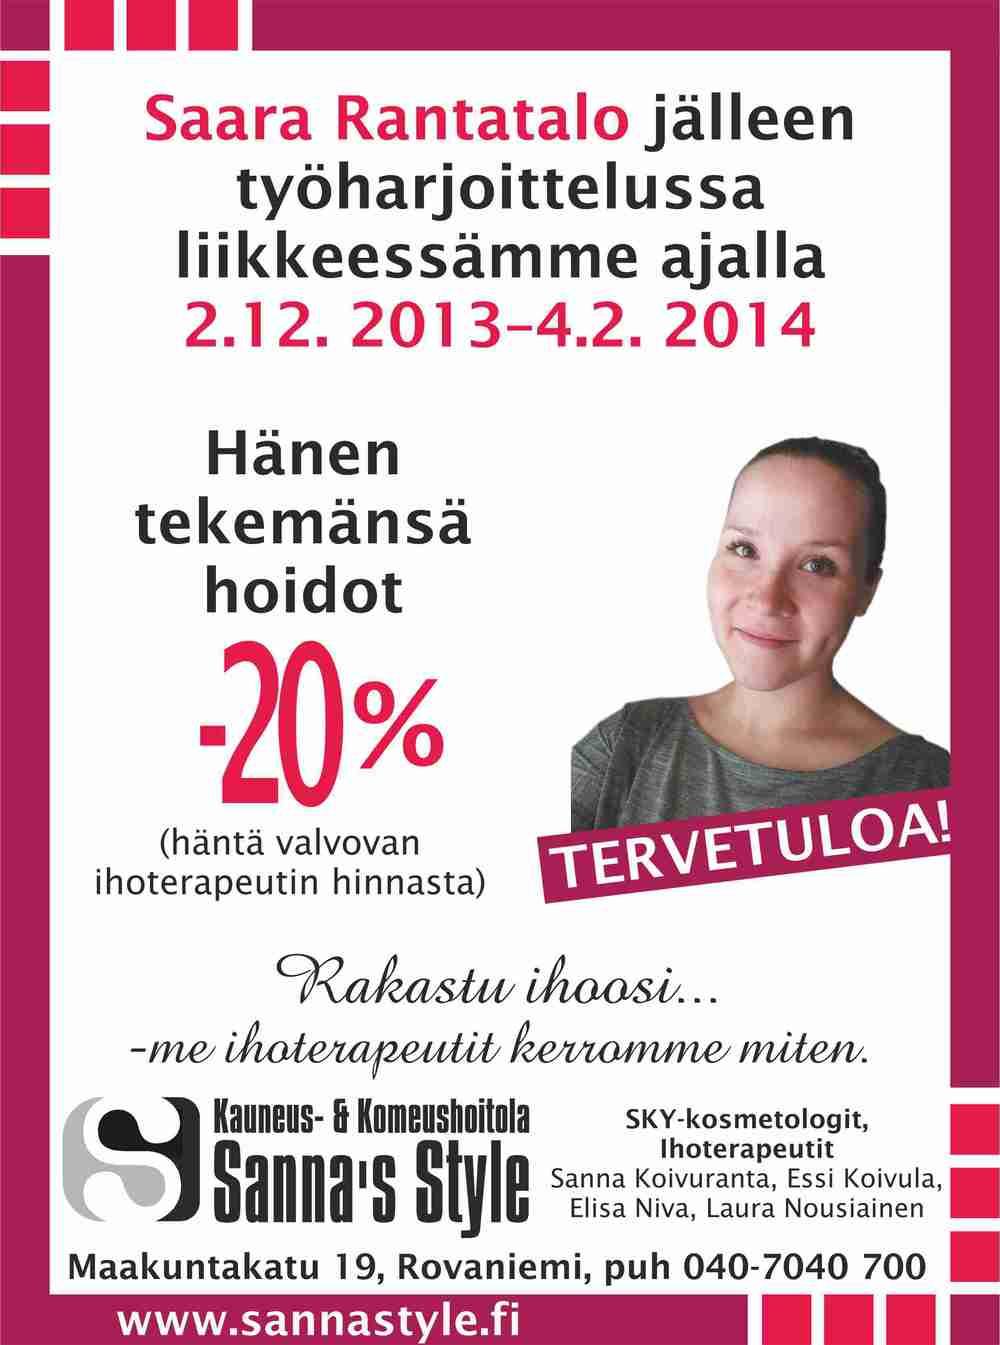 Harjoittelija_nettiin.jpg